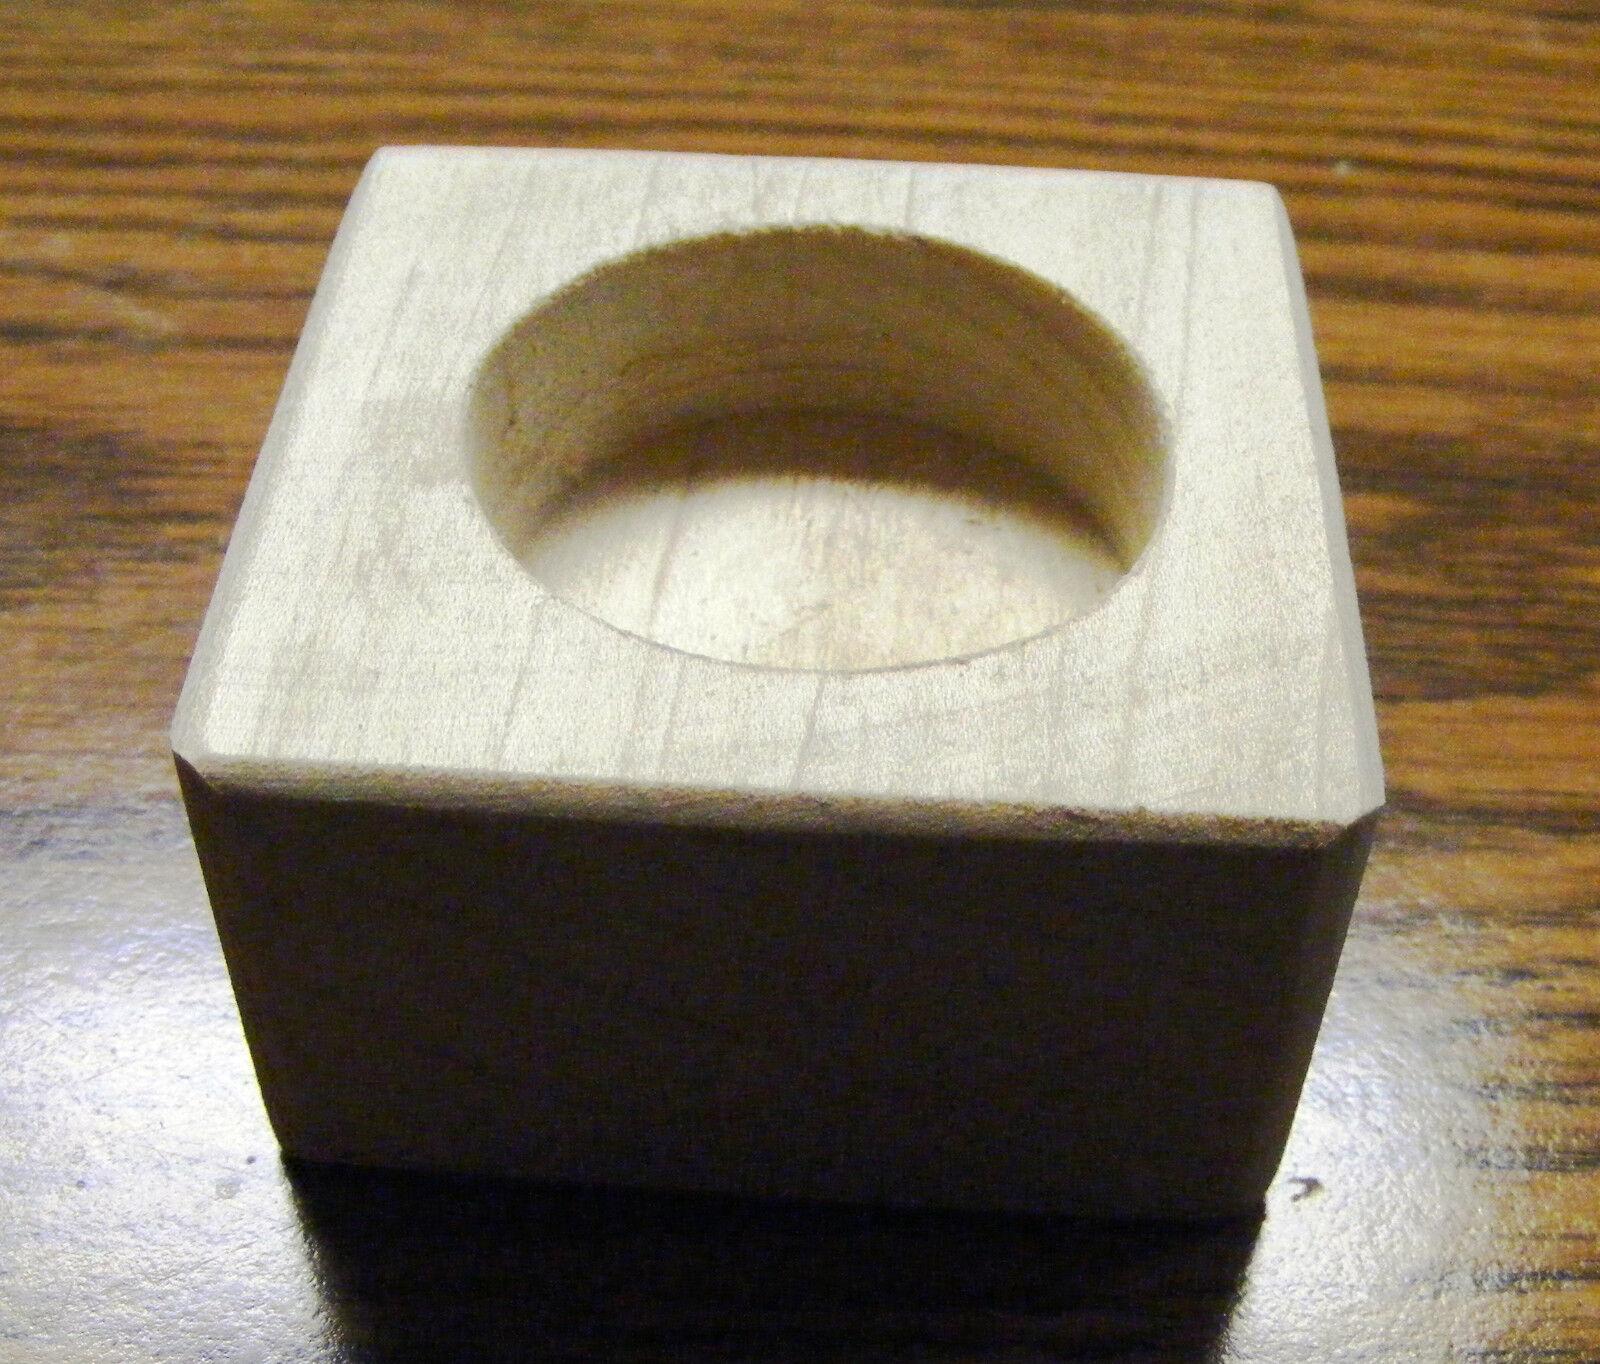 Wood Desk Riser / Bed Lifter / Bed Riser Set Of 4 Made in US